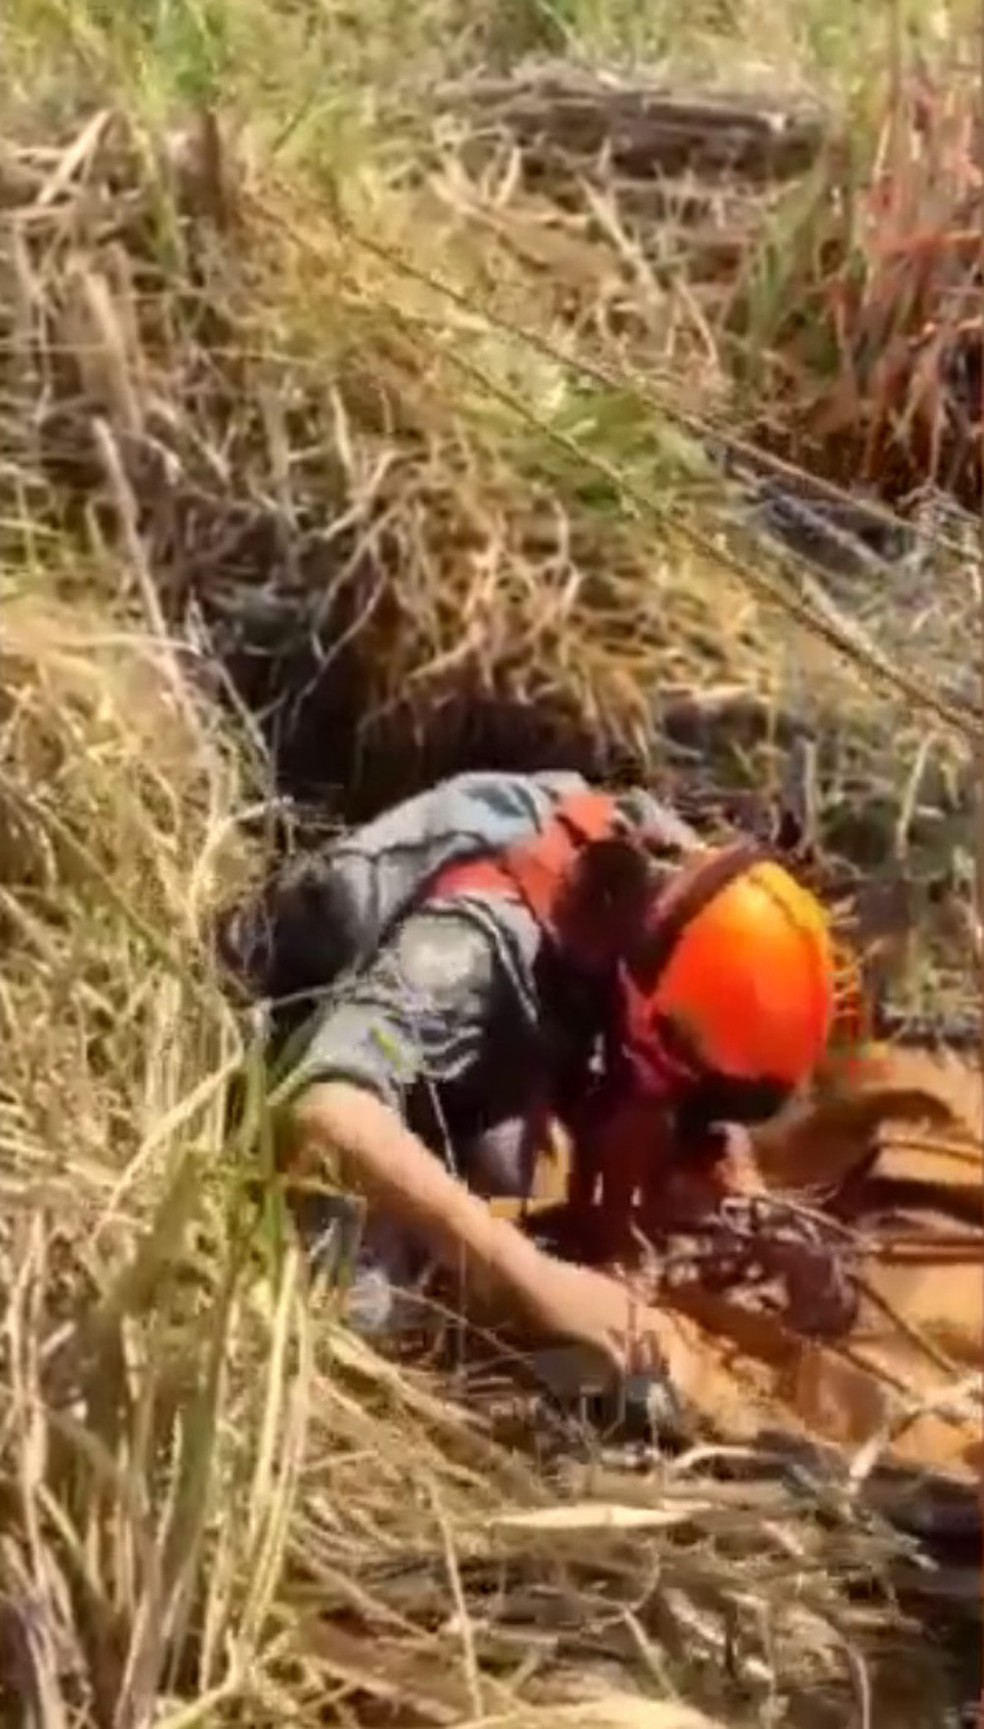 Idoso caiu em buraco de 13 metros de profundidade e foi resgatado por bombeiros e policiais — Foto: Corpo de Bombeiros/Polícia Militar